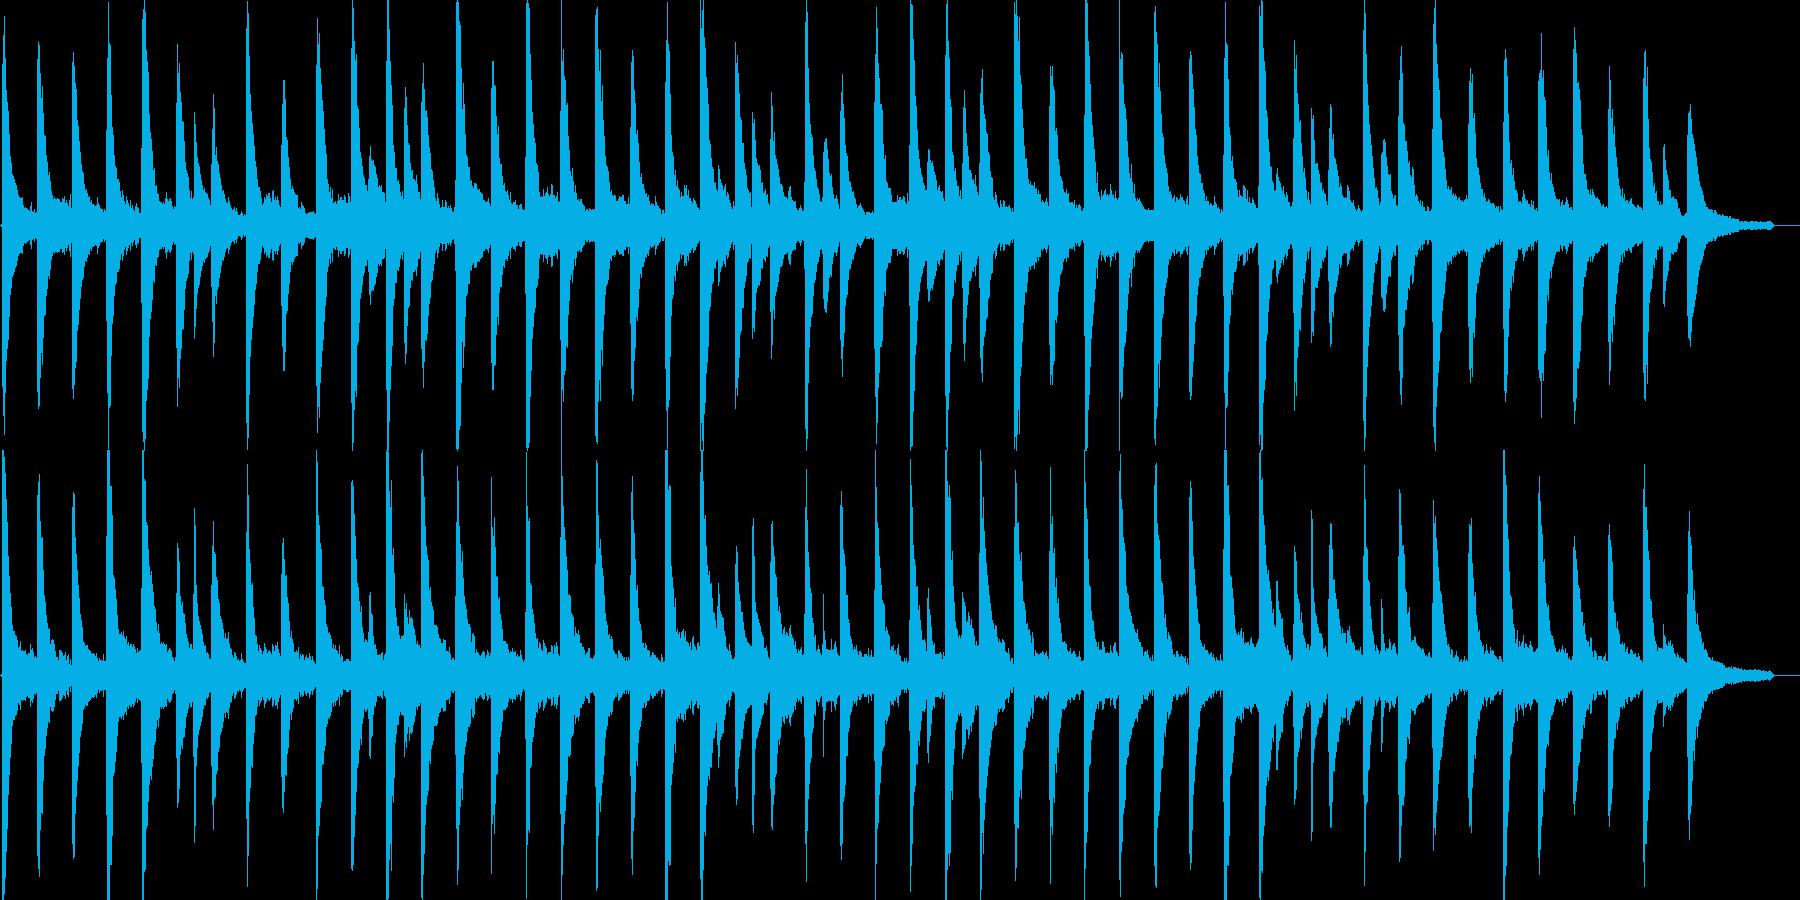 幻想的・優しい・ジャズ・映像・イベント用の再生済みの波形